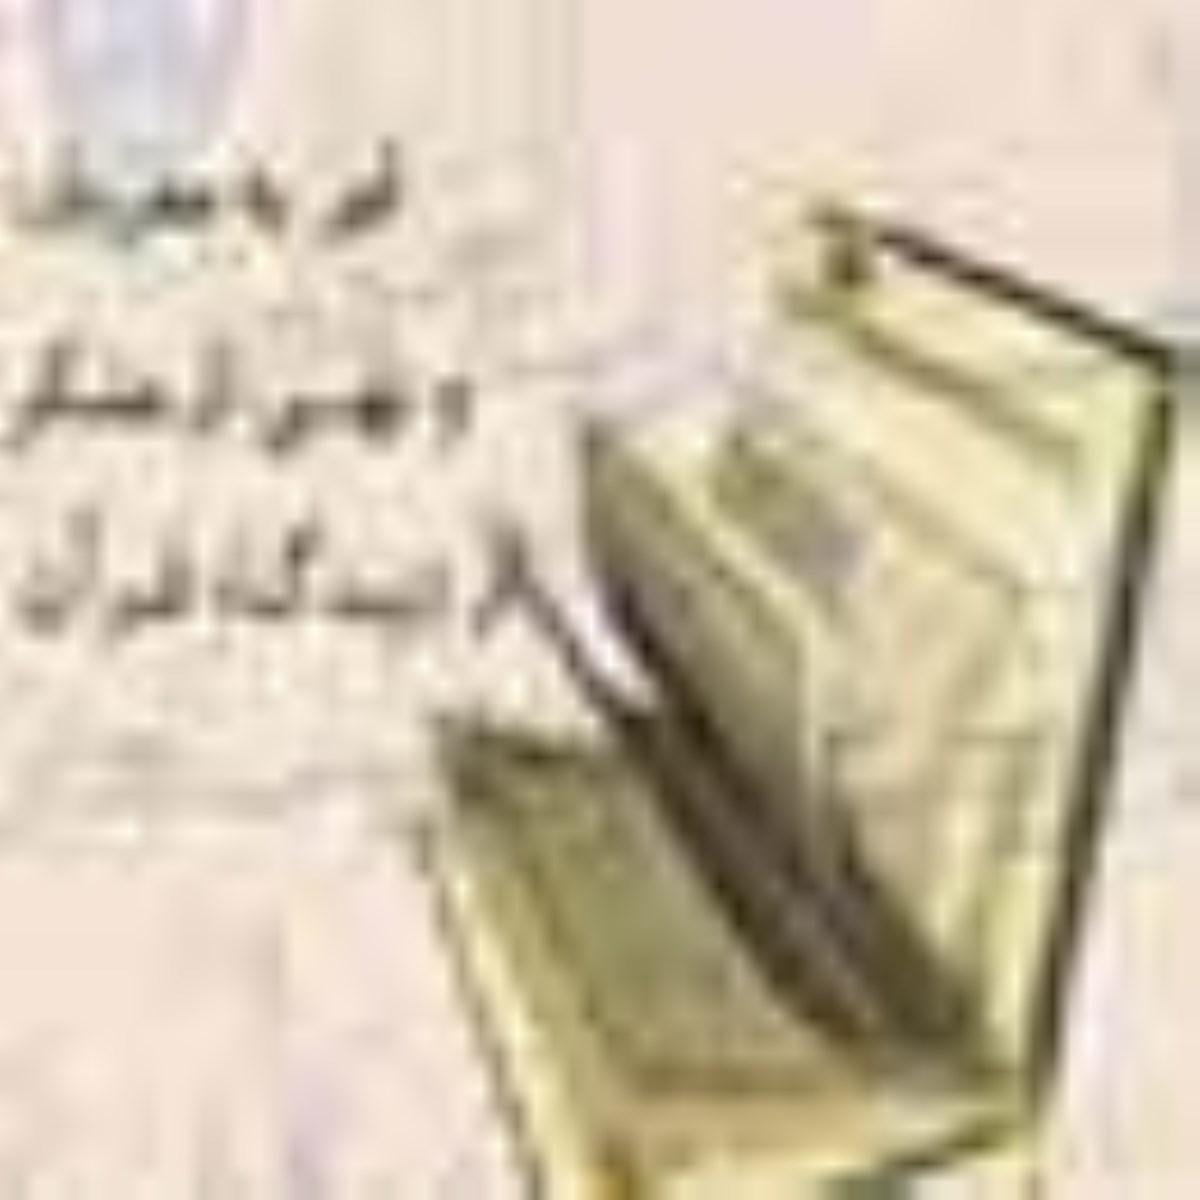 امر به معروف و نهی از منکر از دیدگاه قرآن(2)